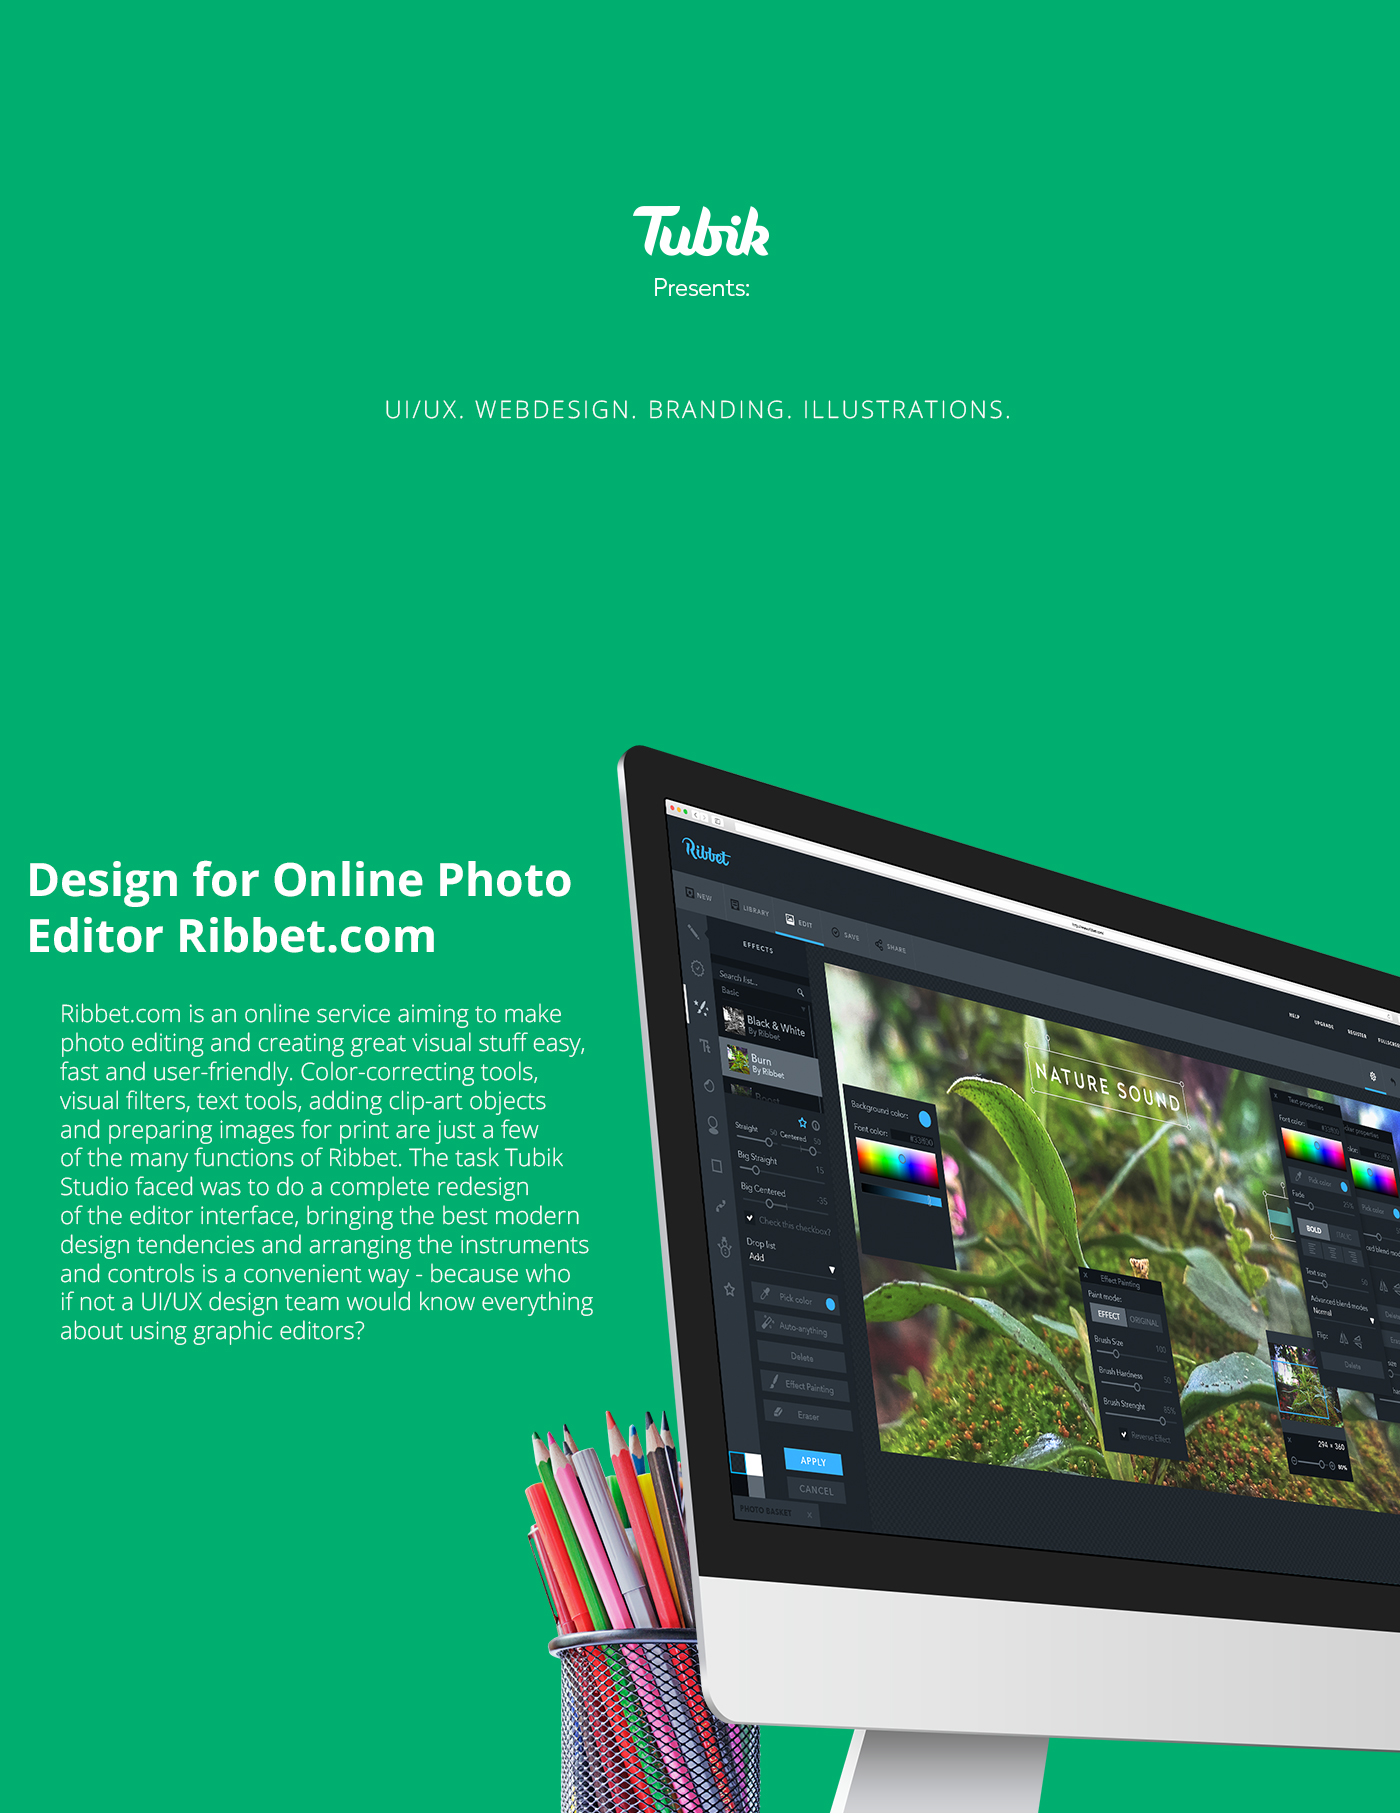 tubik-studio-behance